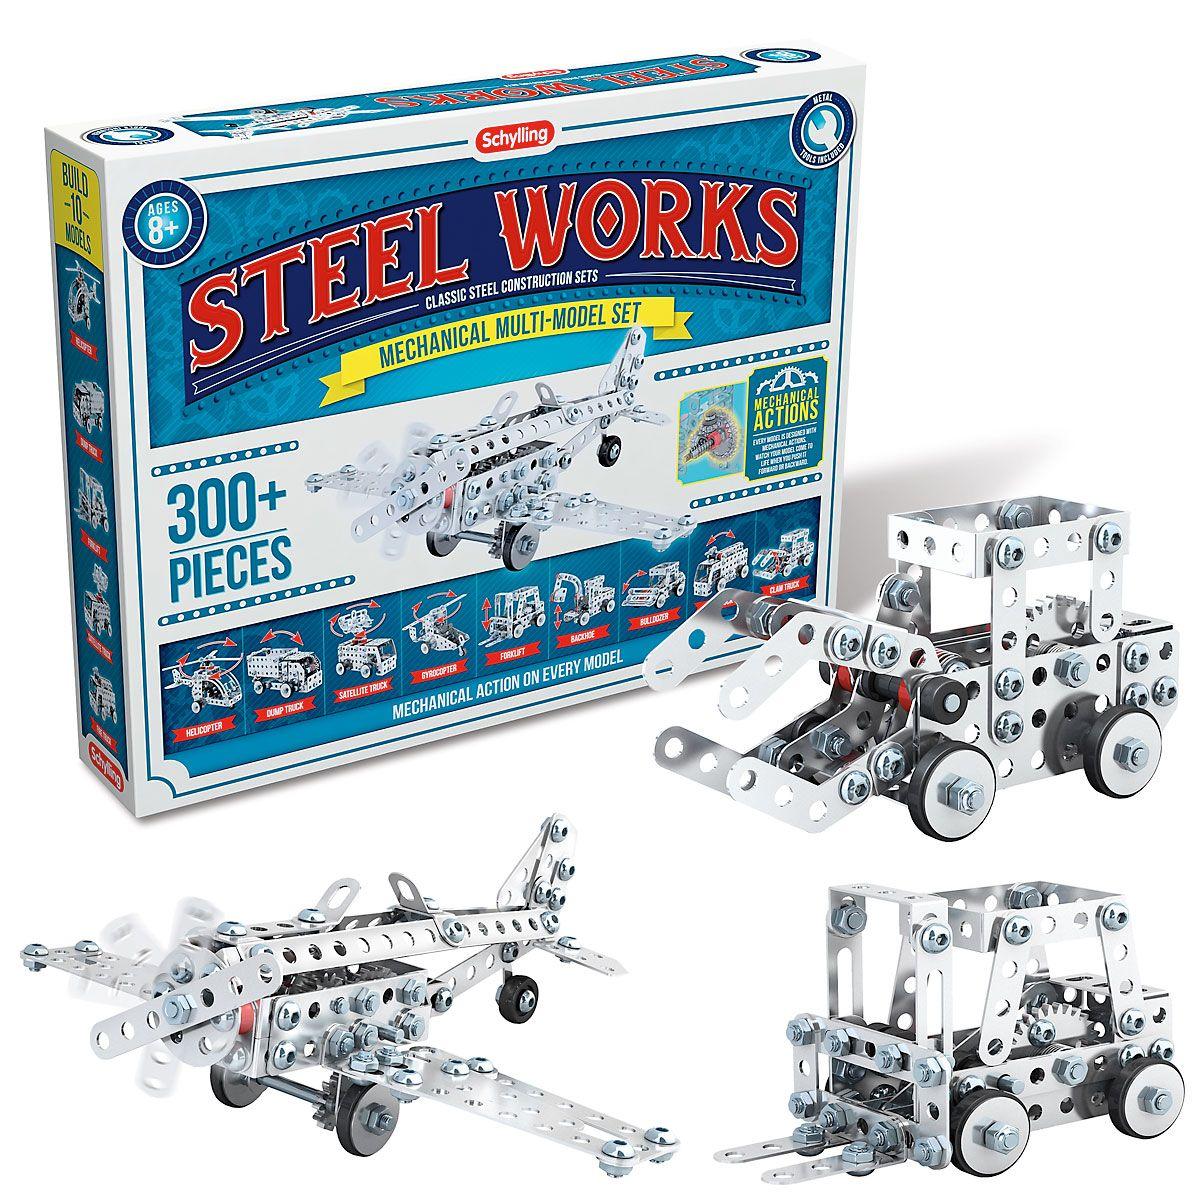 Steel Works Model Set by Schylling